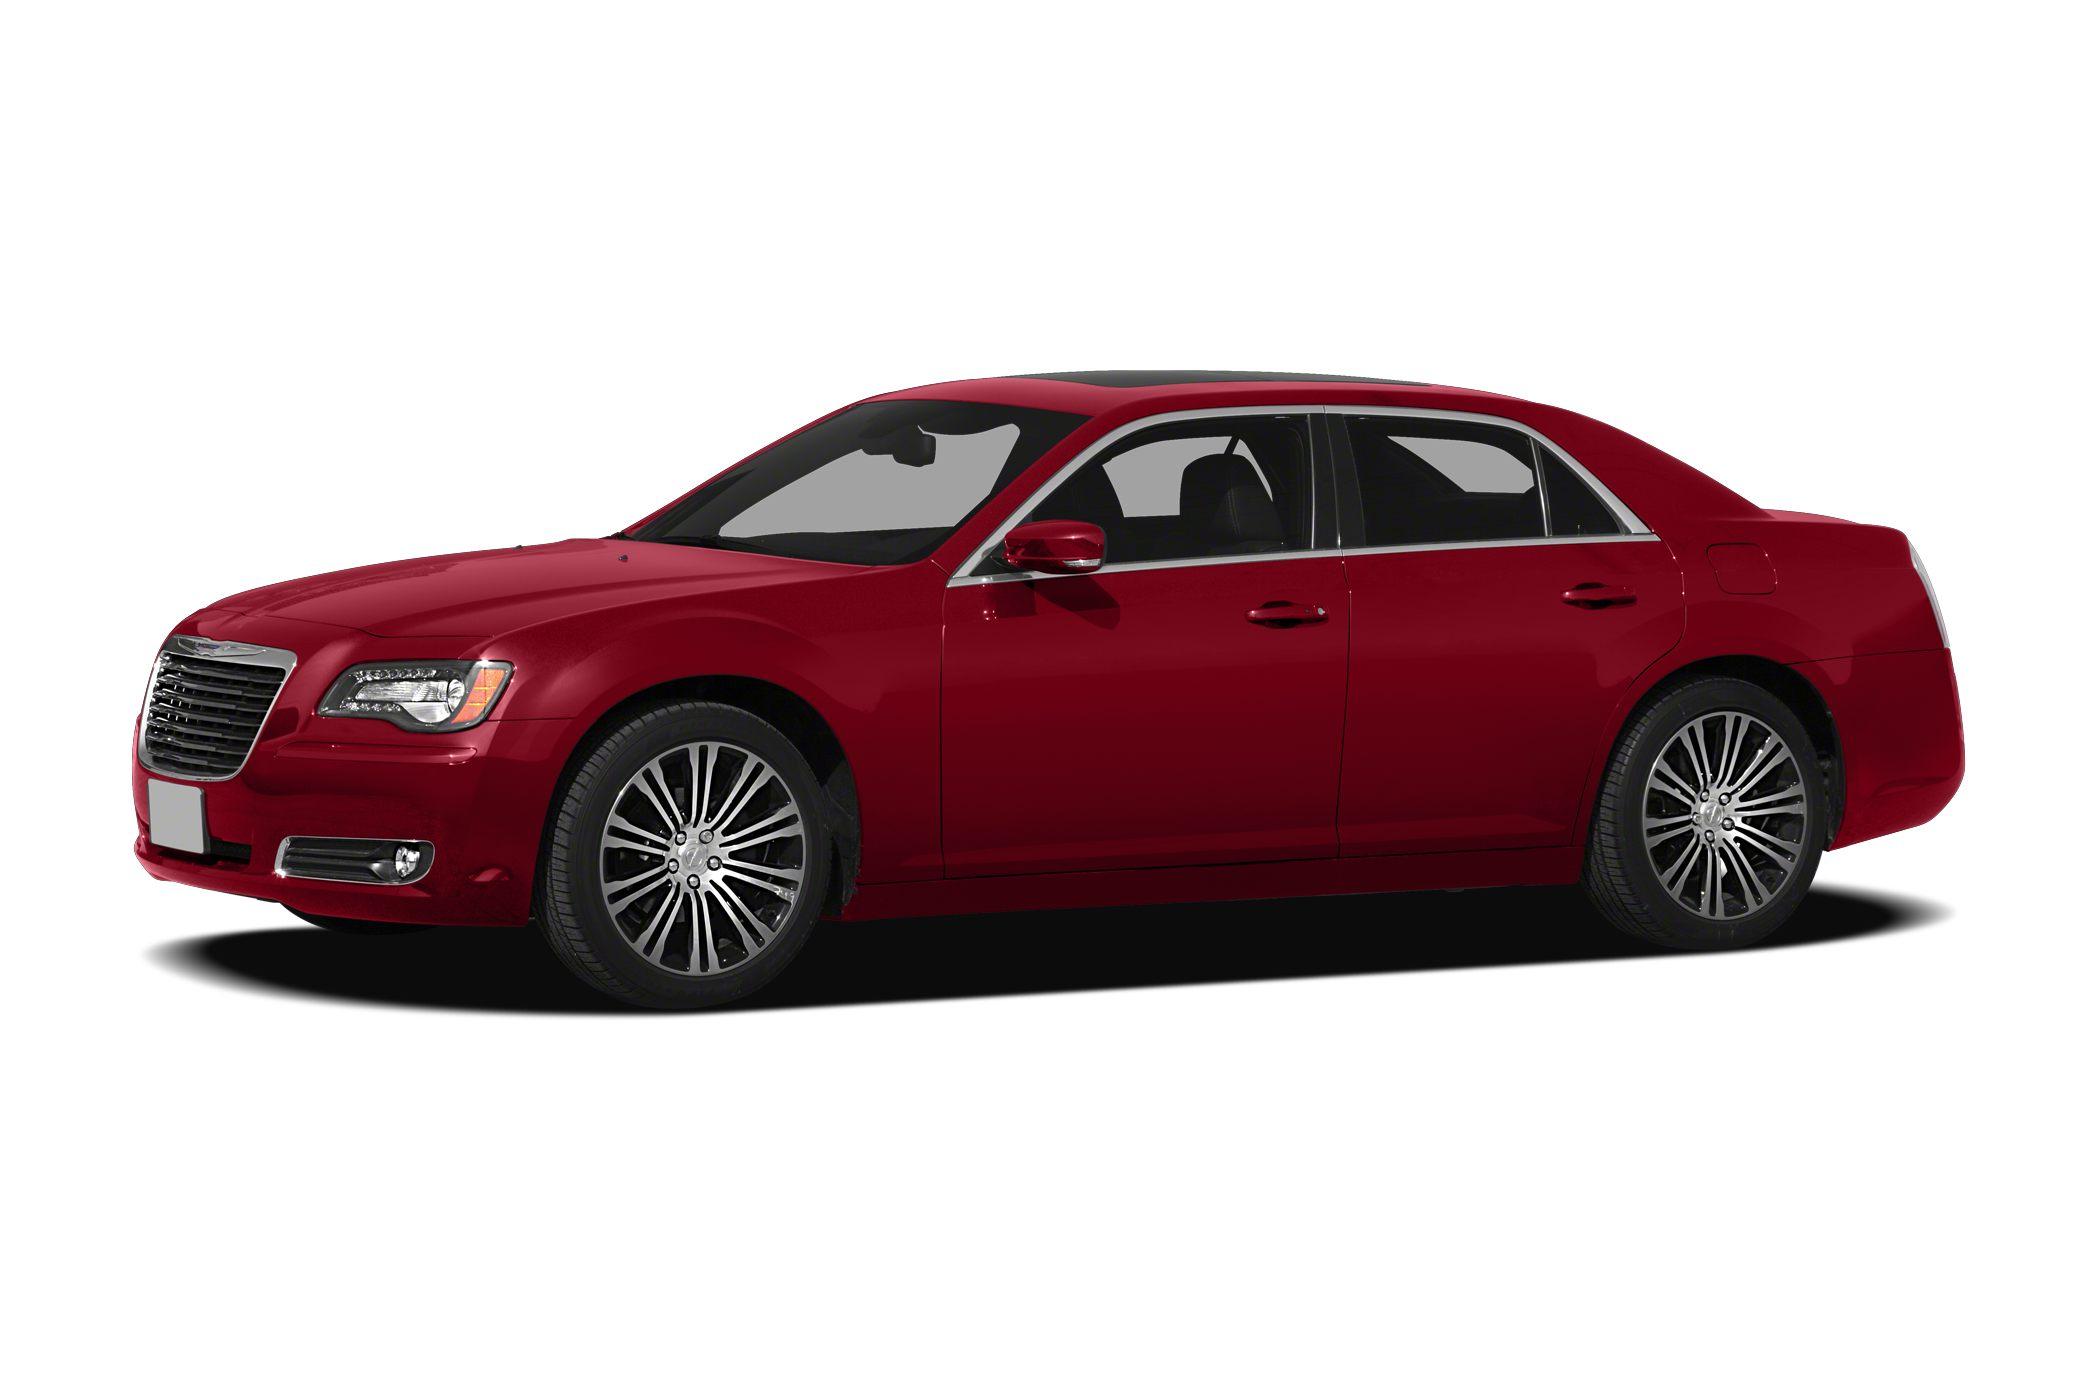 2012 Chrysler 300 S V8 300 S and HEMI 57L V8 Multi Displacement VVT Flex Fuel Dont bother look